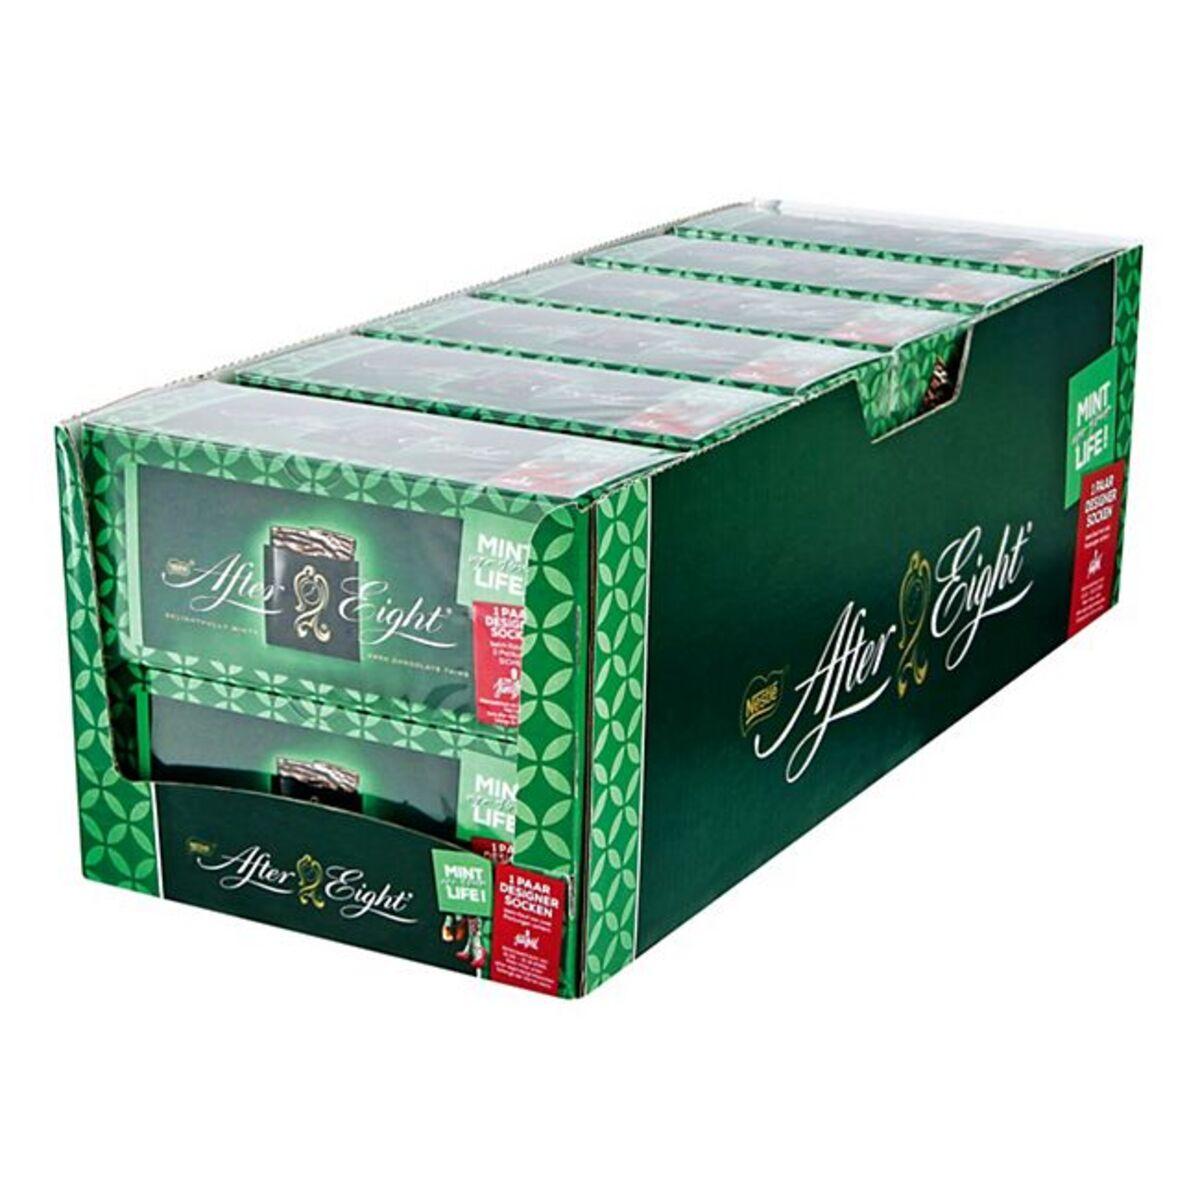 Bild 1 von Nestle After Eight 200 g, 12er Pack